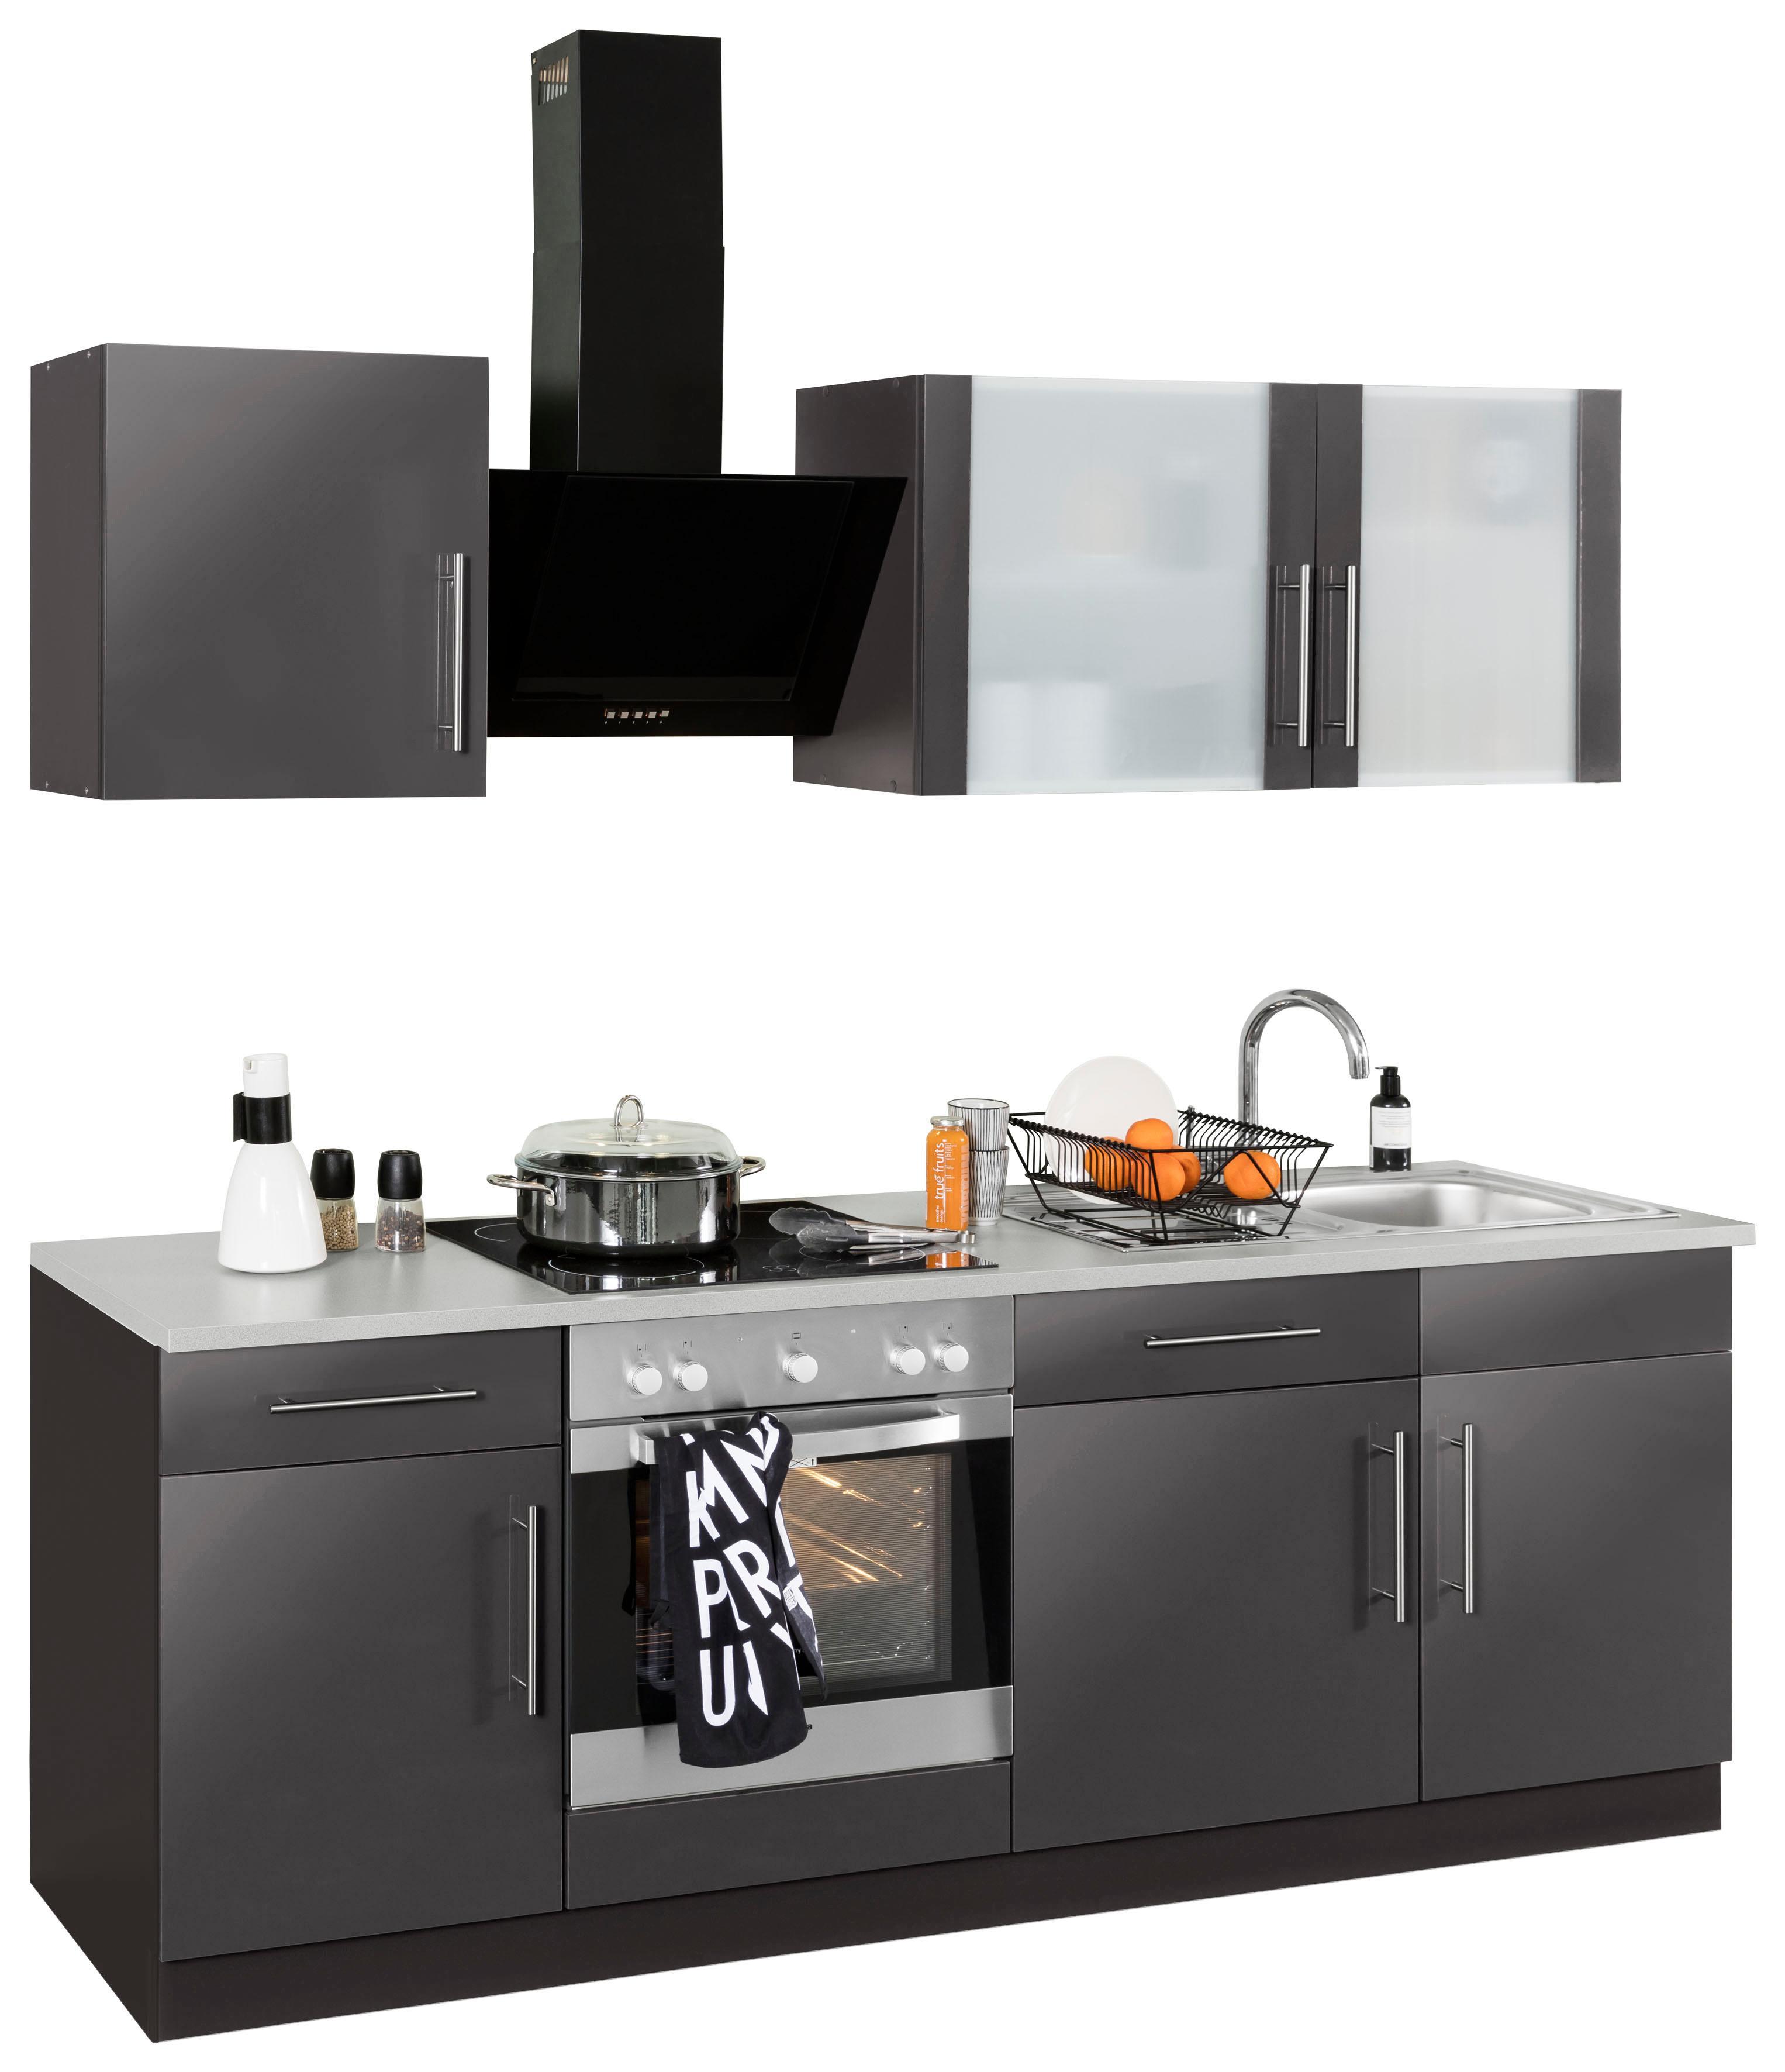 wiho Küchen Küchenzeile Cali | Küche und Esszimmer > Küchen > Küchenzeilen | Grau | Wiho Küchen